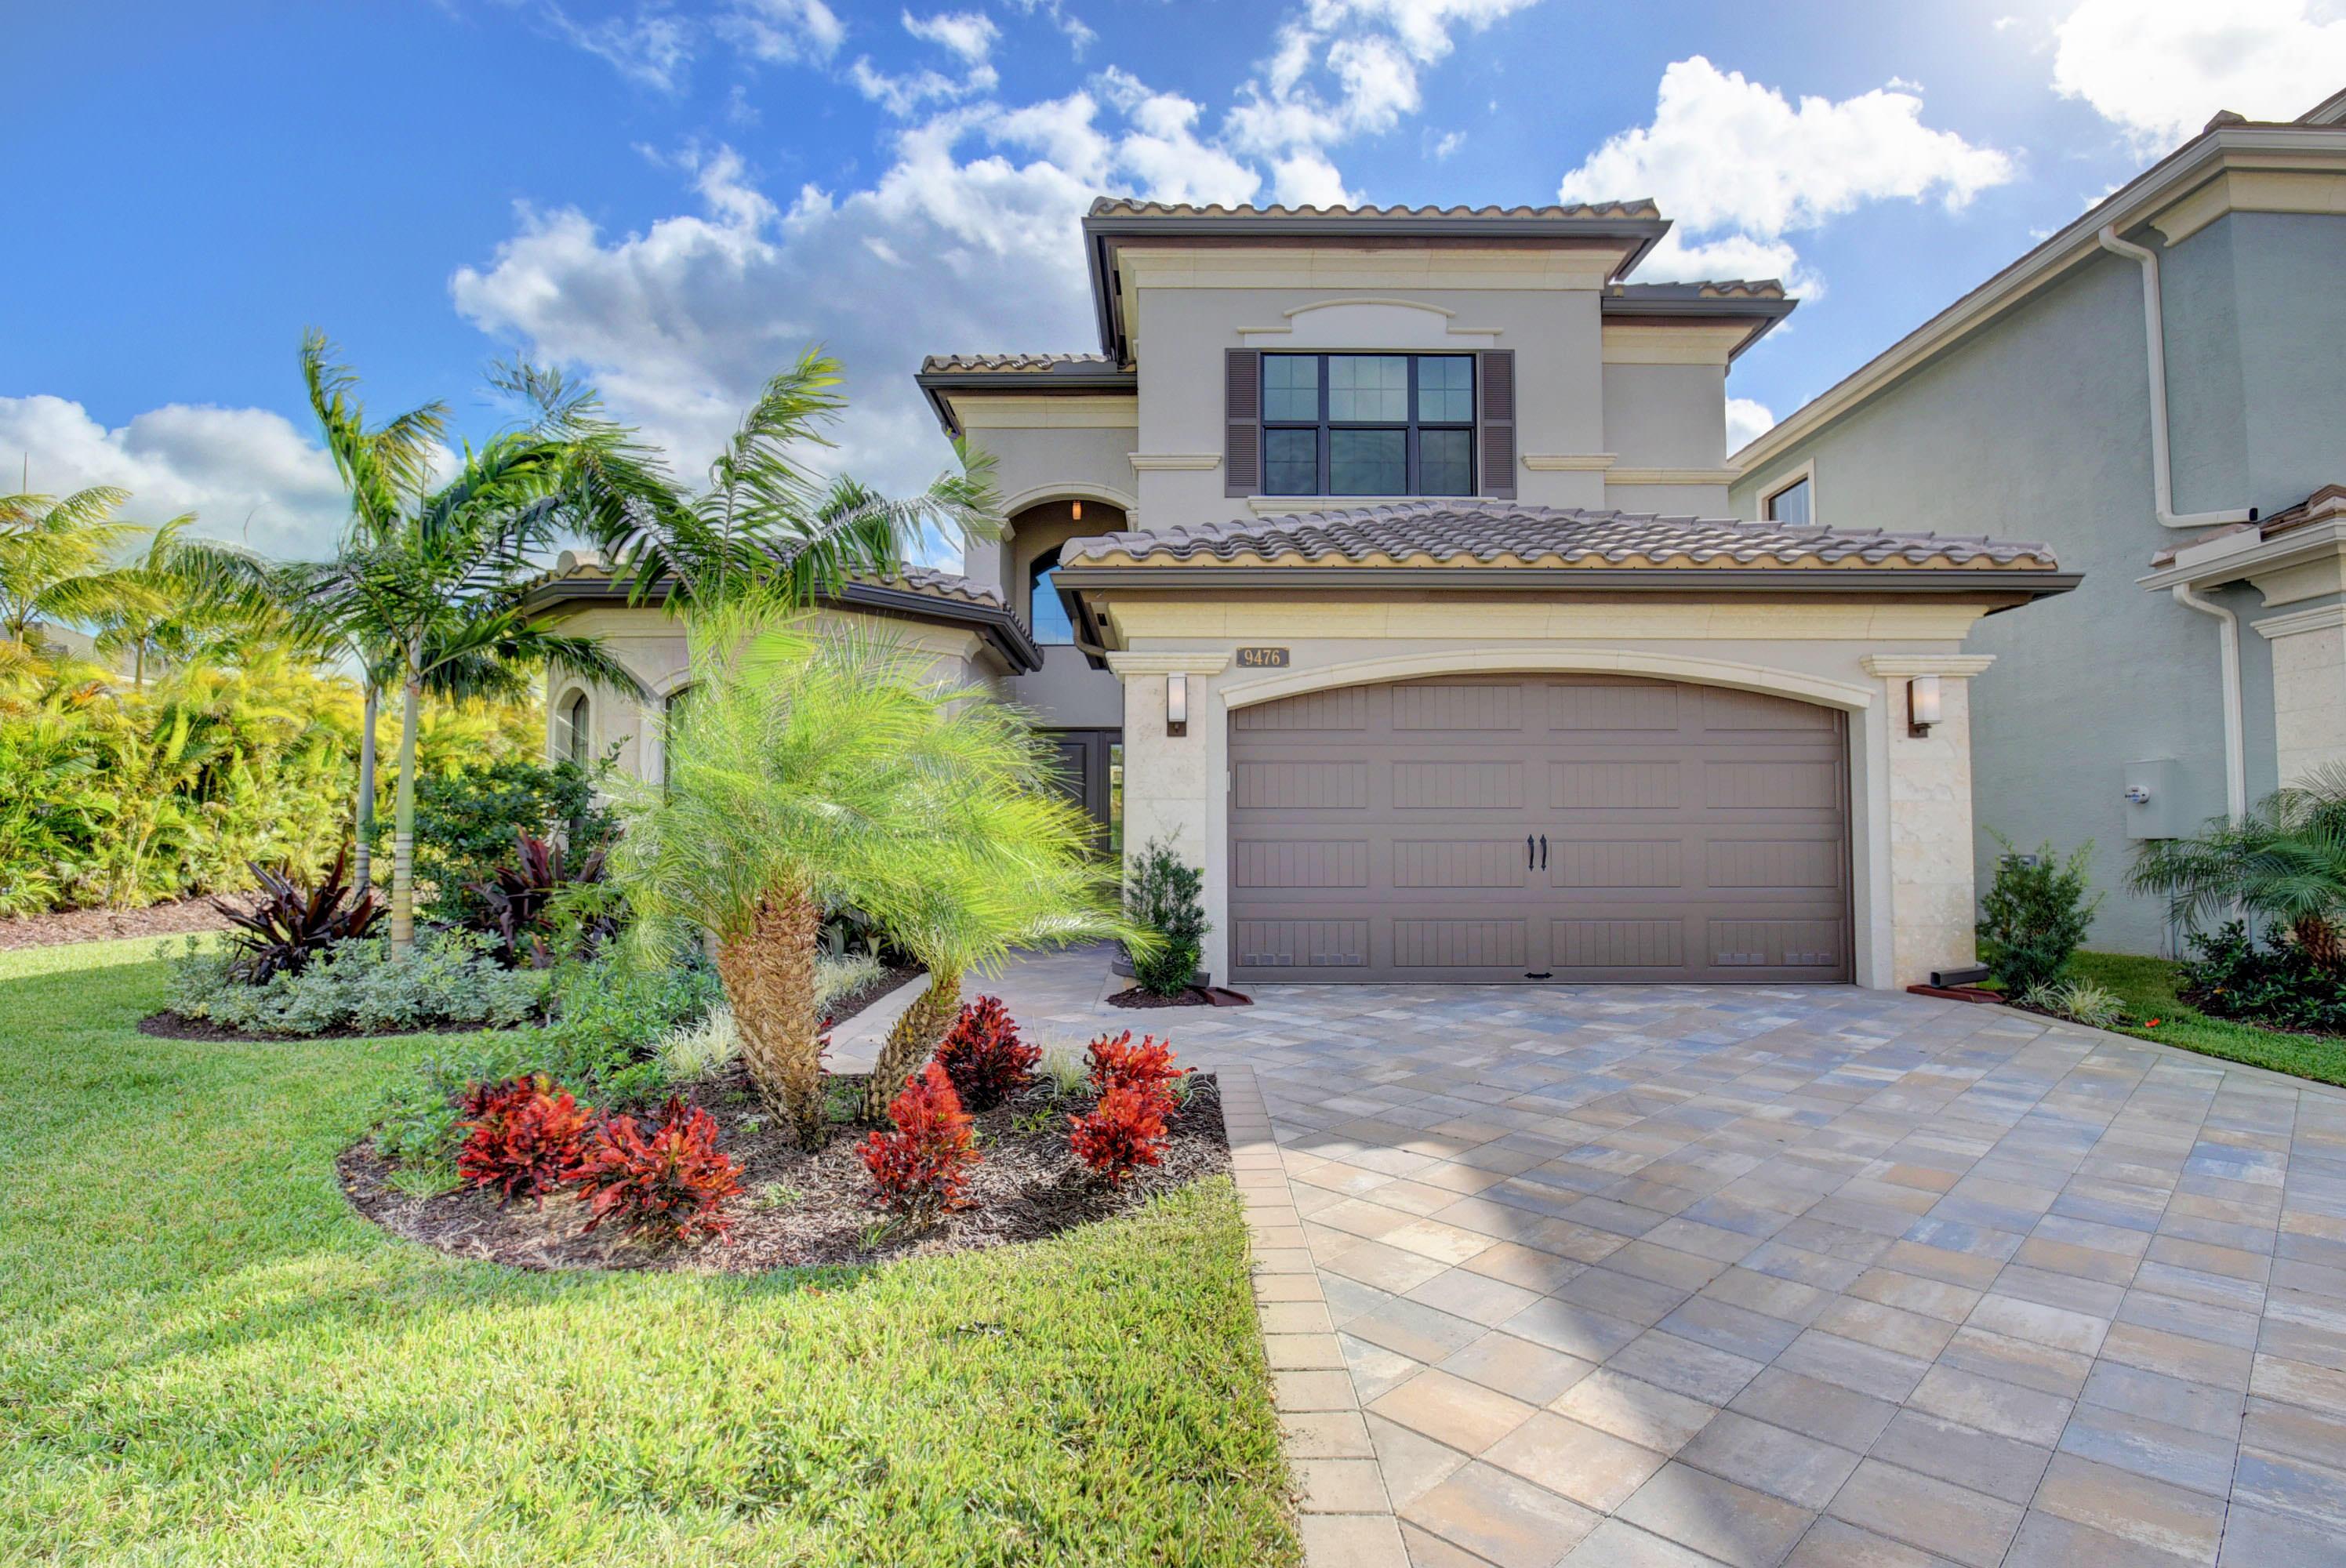 9476 Eden Roc Court  Delray Beach, FL 33446